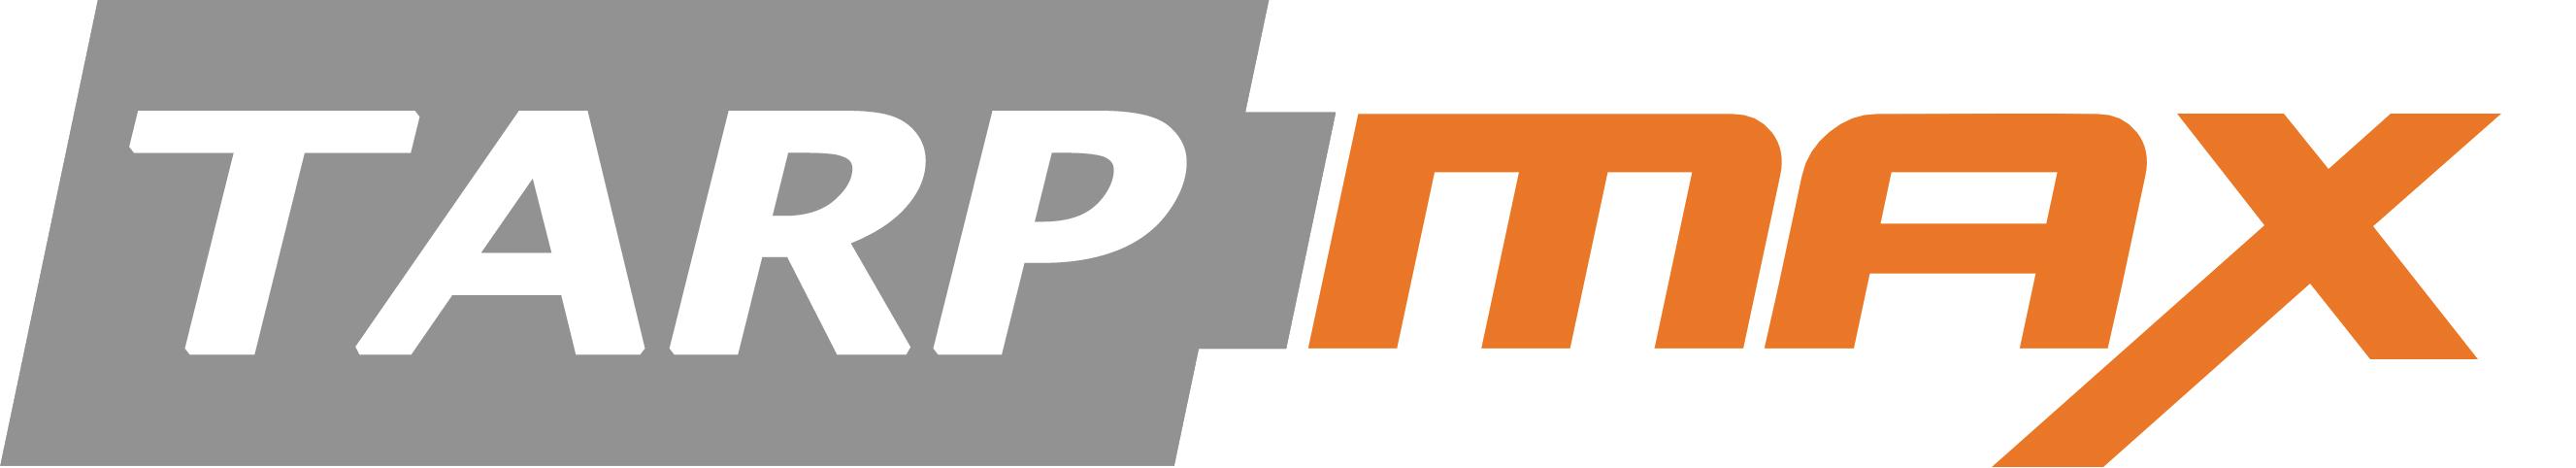 Tarpmax - Tarpaulin & Shade Net Expert